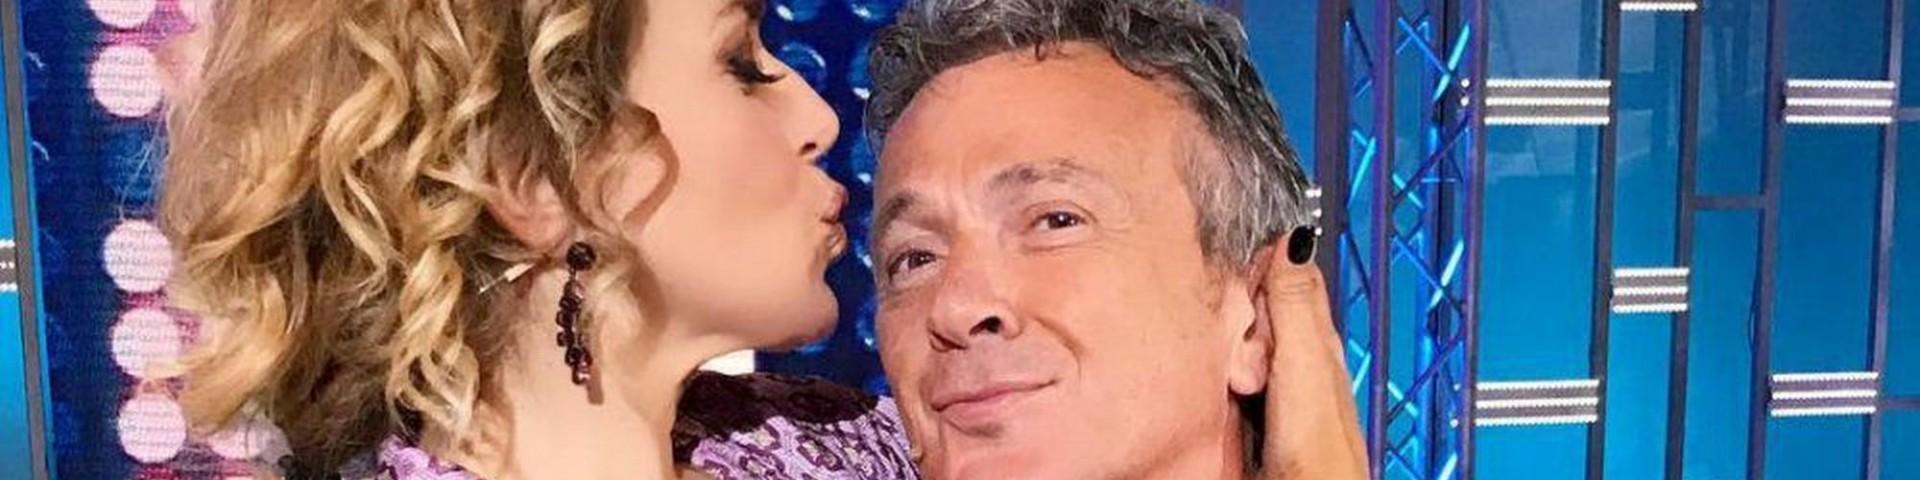 Pupo e Barbara D'Urso hanno avuto un flirt?